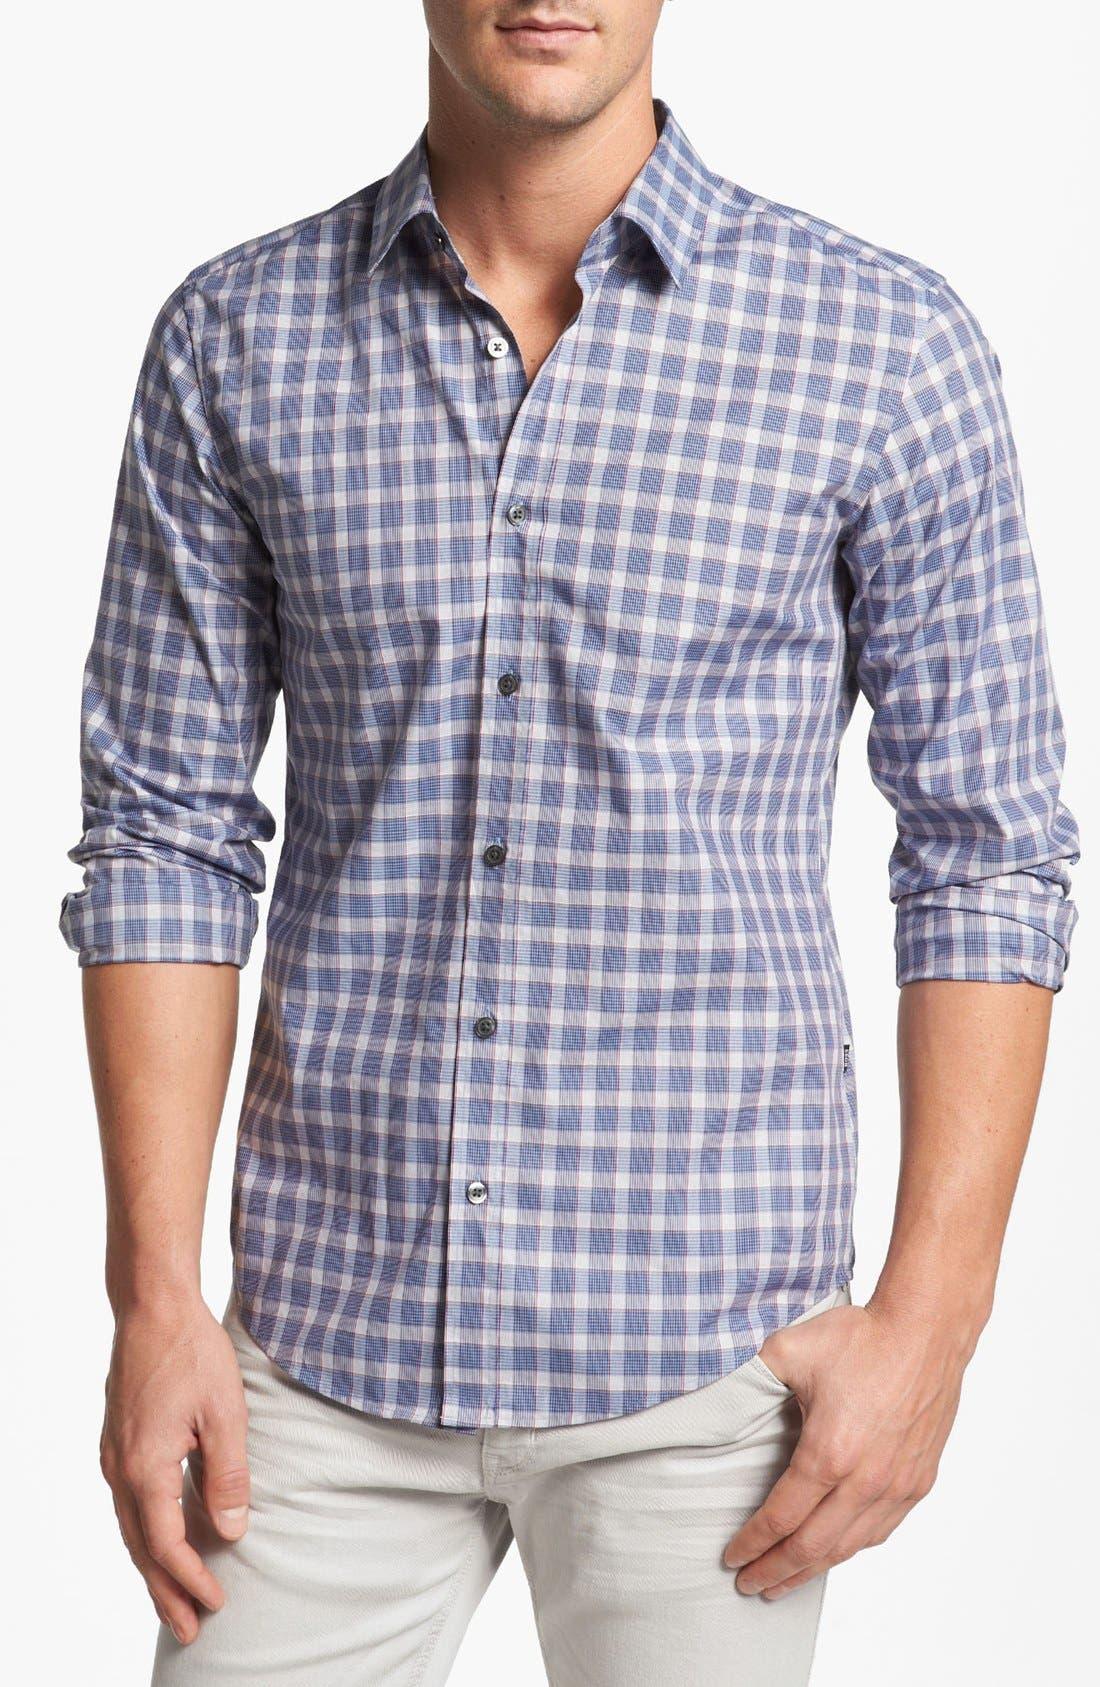 Alternate Image 1 Selected - BOSS HUGO BOSS 'Ronny' Slim Fit Sport Shirt